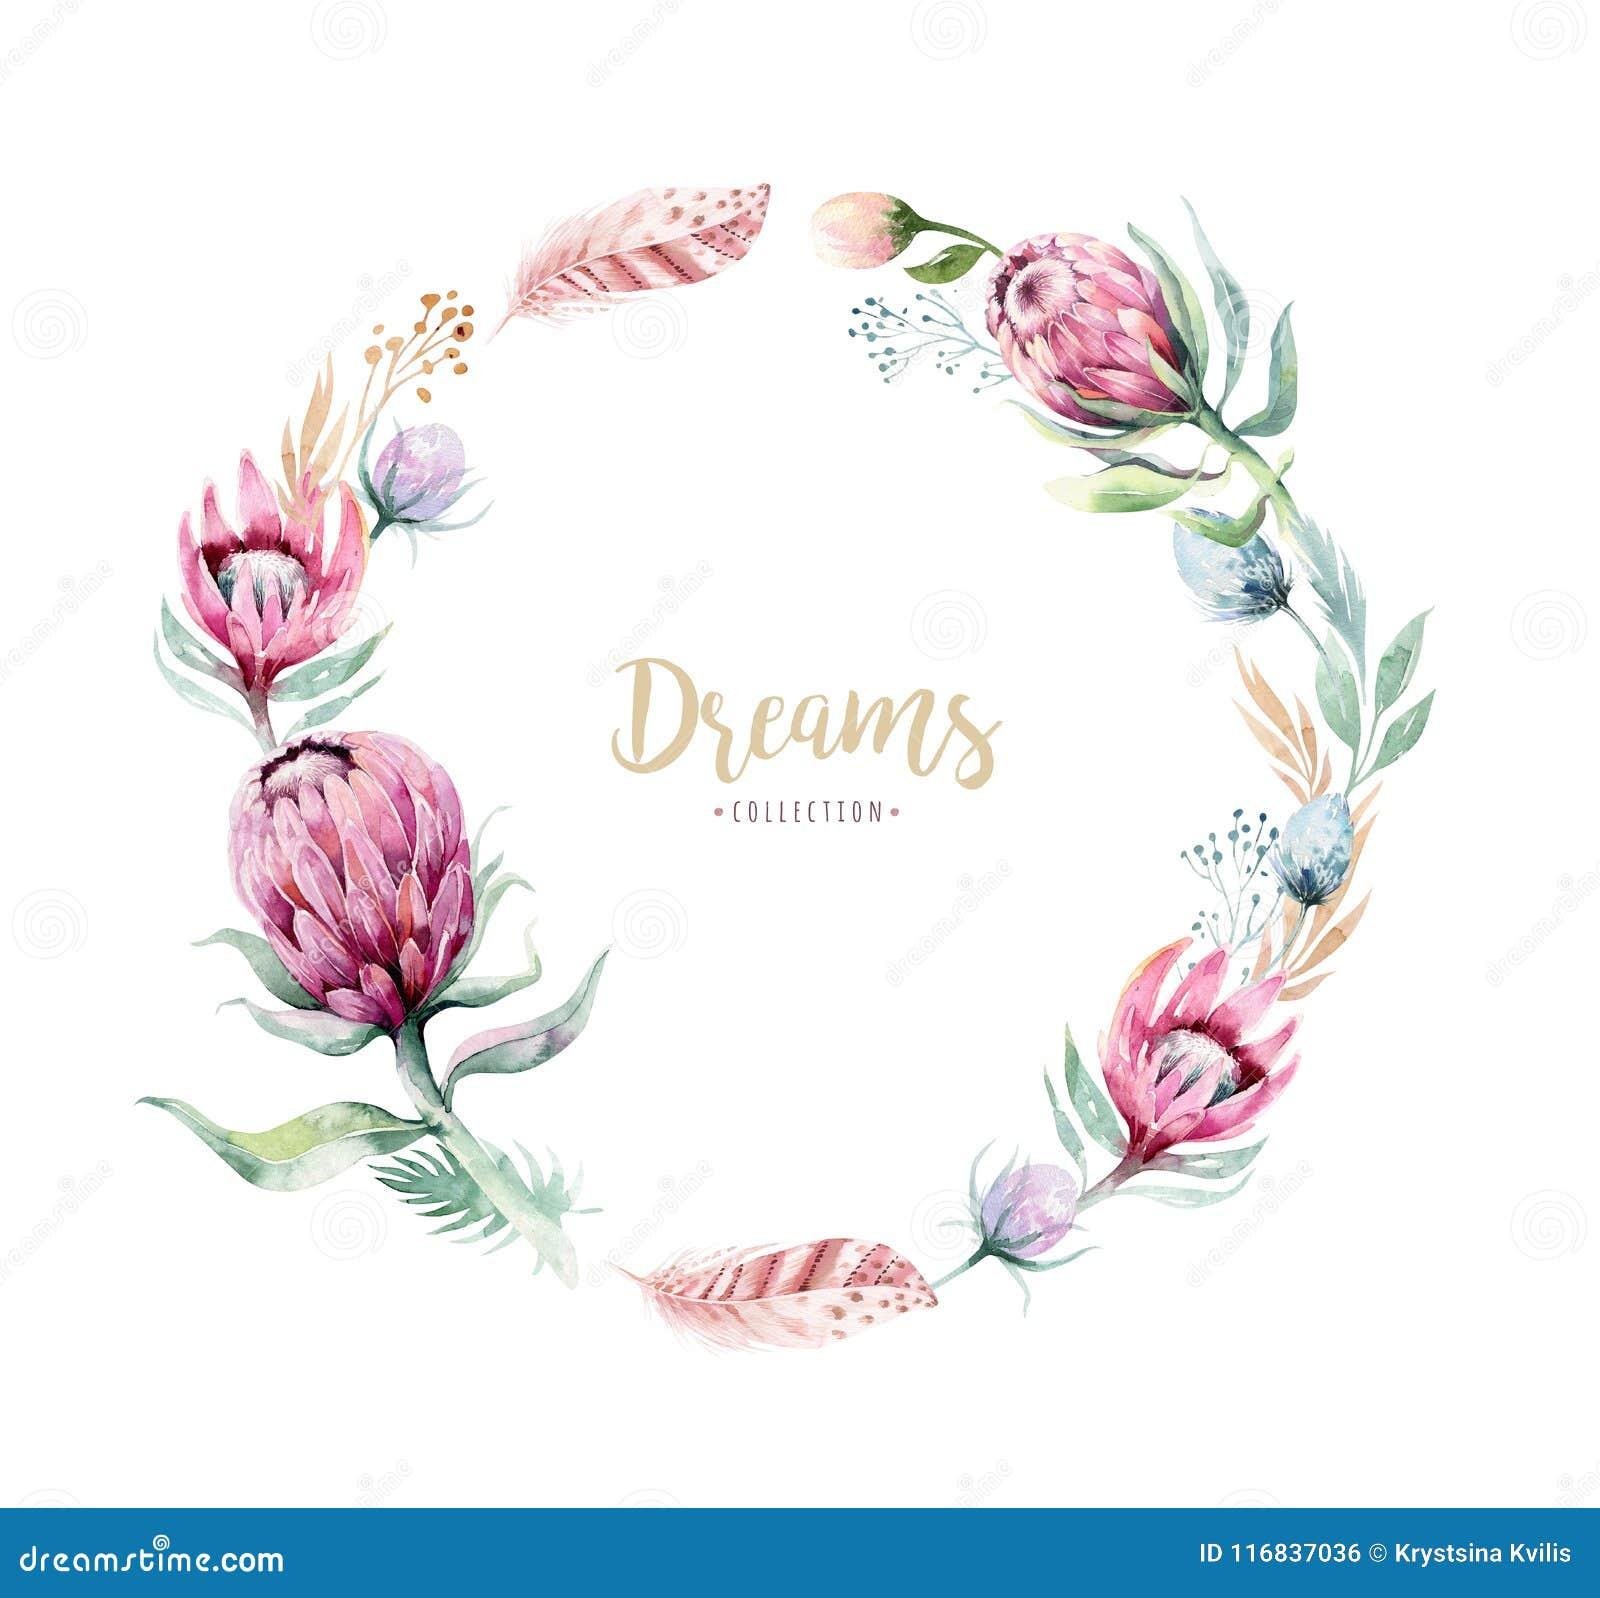 Ilustracao Floral Isolada Desenho Da Aquarela Da Mao Com Rosa